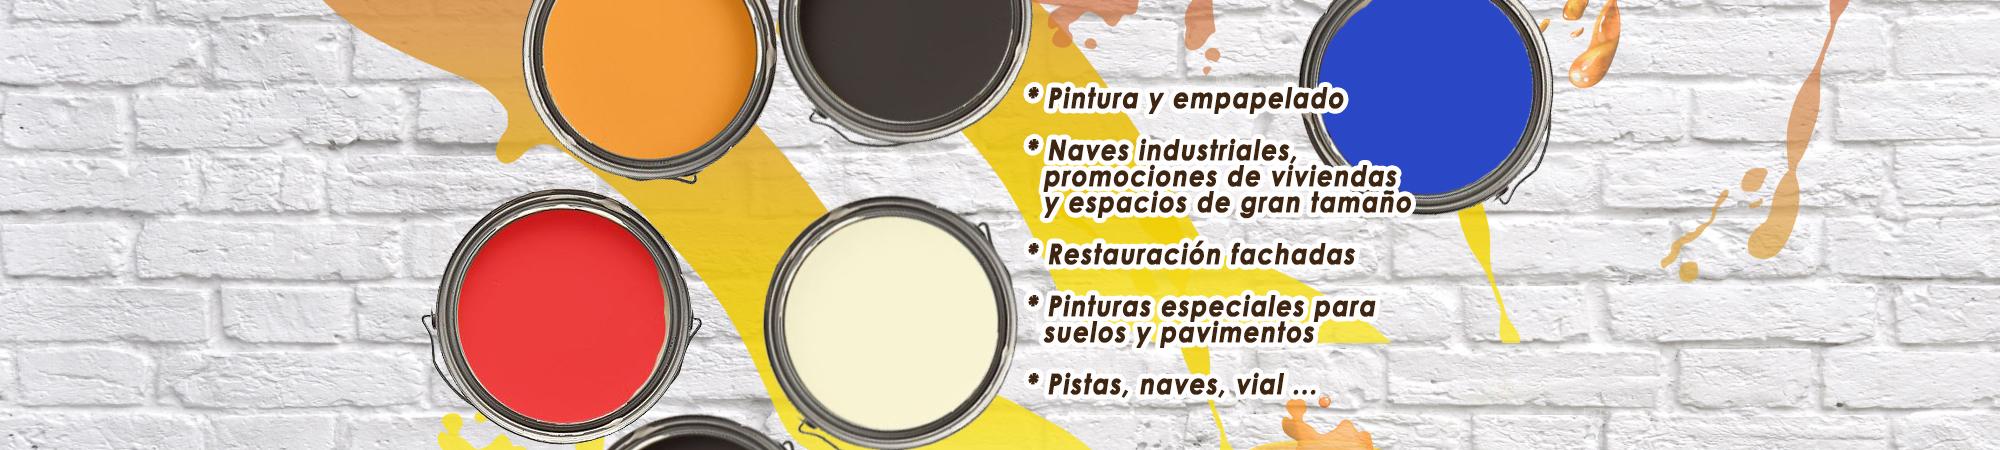 empresas pintores manresa, pintores baratos barcelona